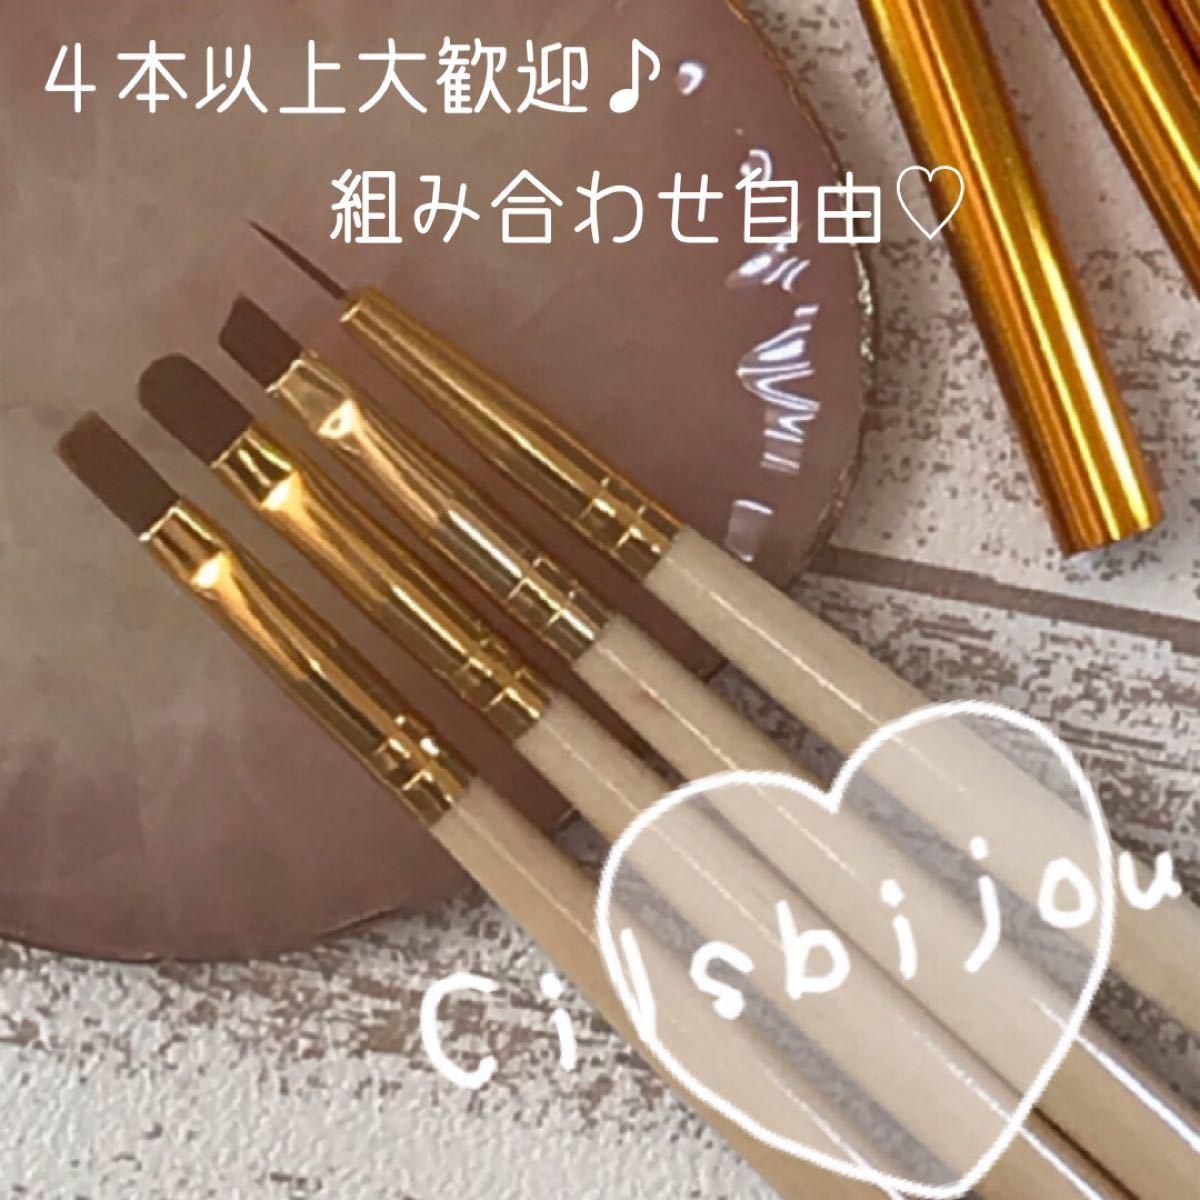 ジェルネイル 筆 4本ライン10ミリ  set カラージェル